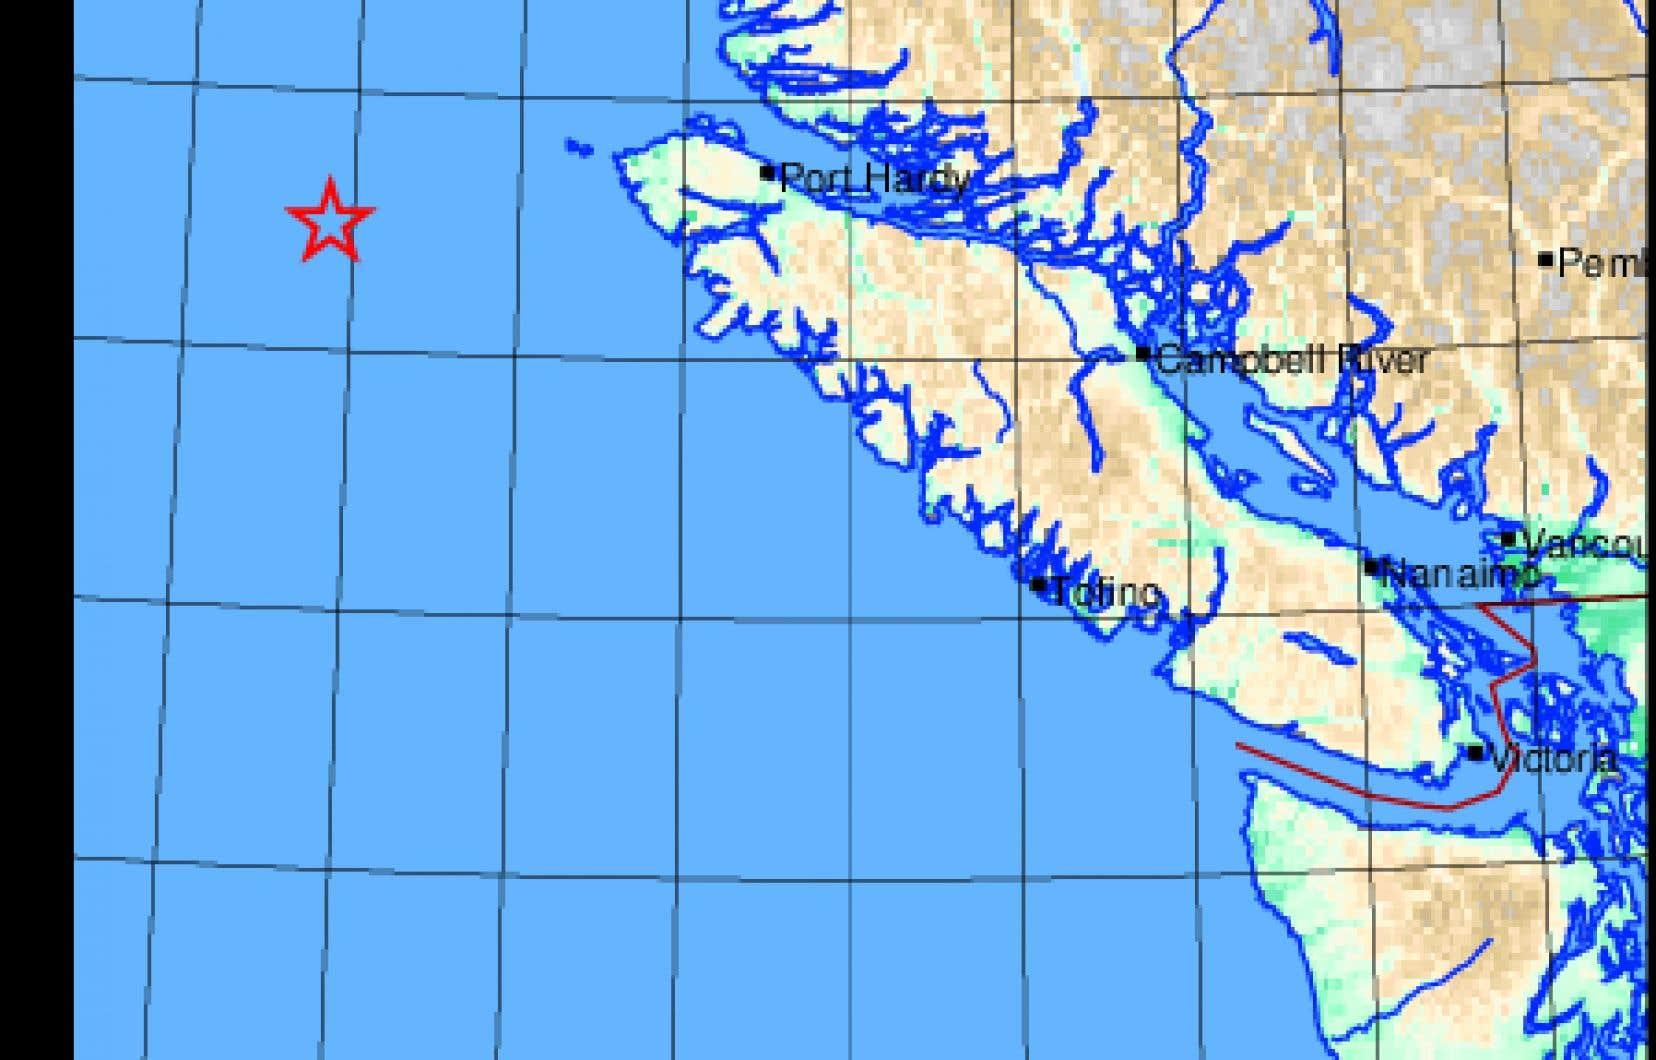 L'épicentre se trouvait à 188 kilomètres à l'ouest de Port Hardy.